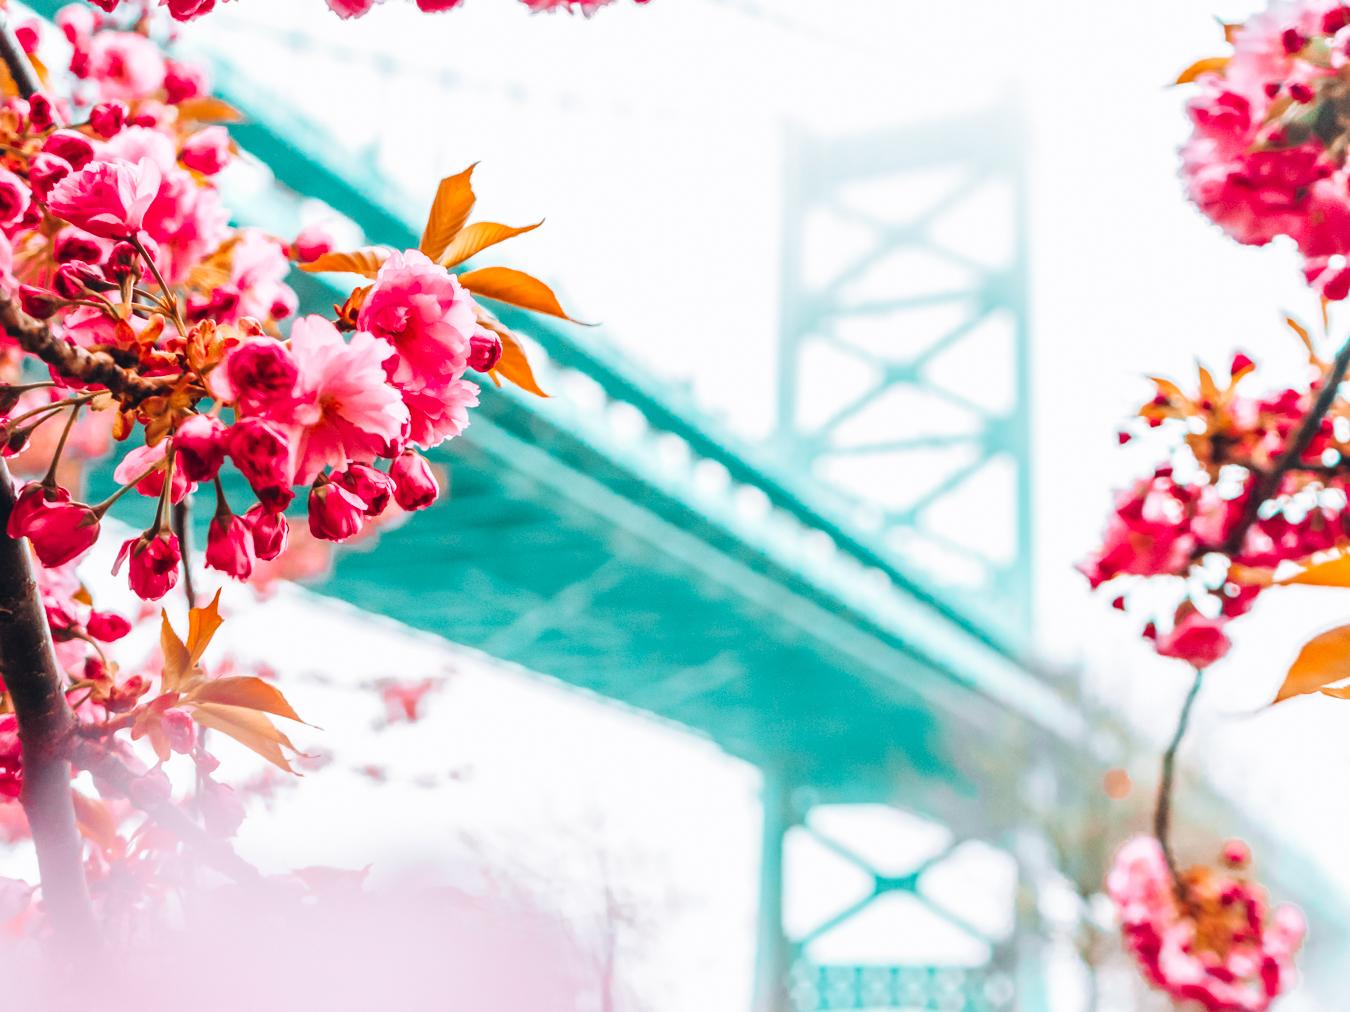 Bridge and flowers in Philadelphia